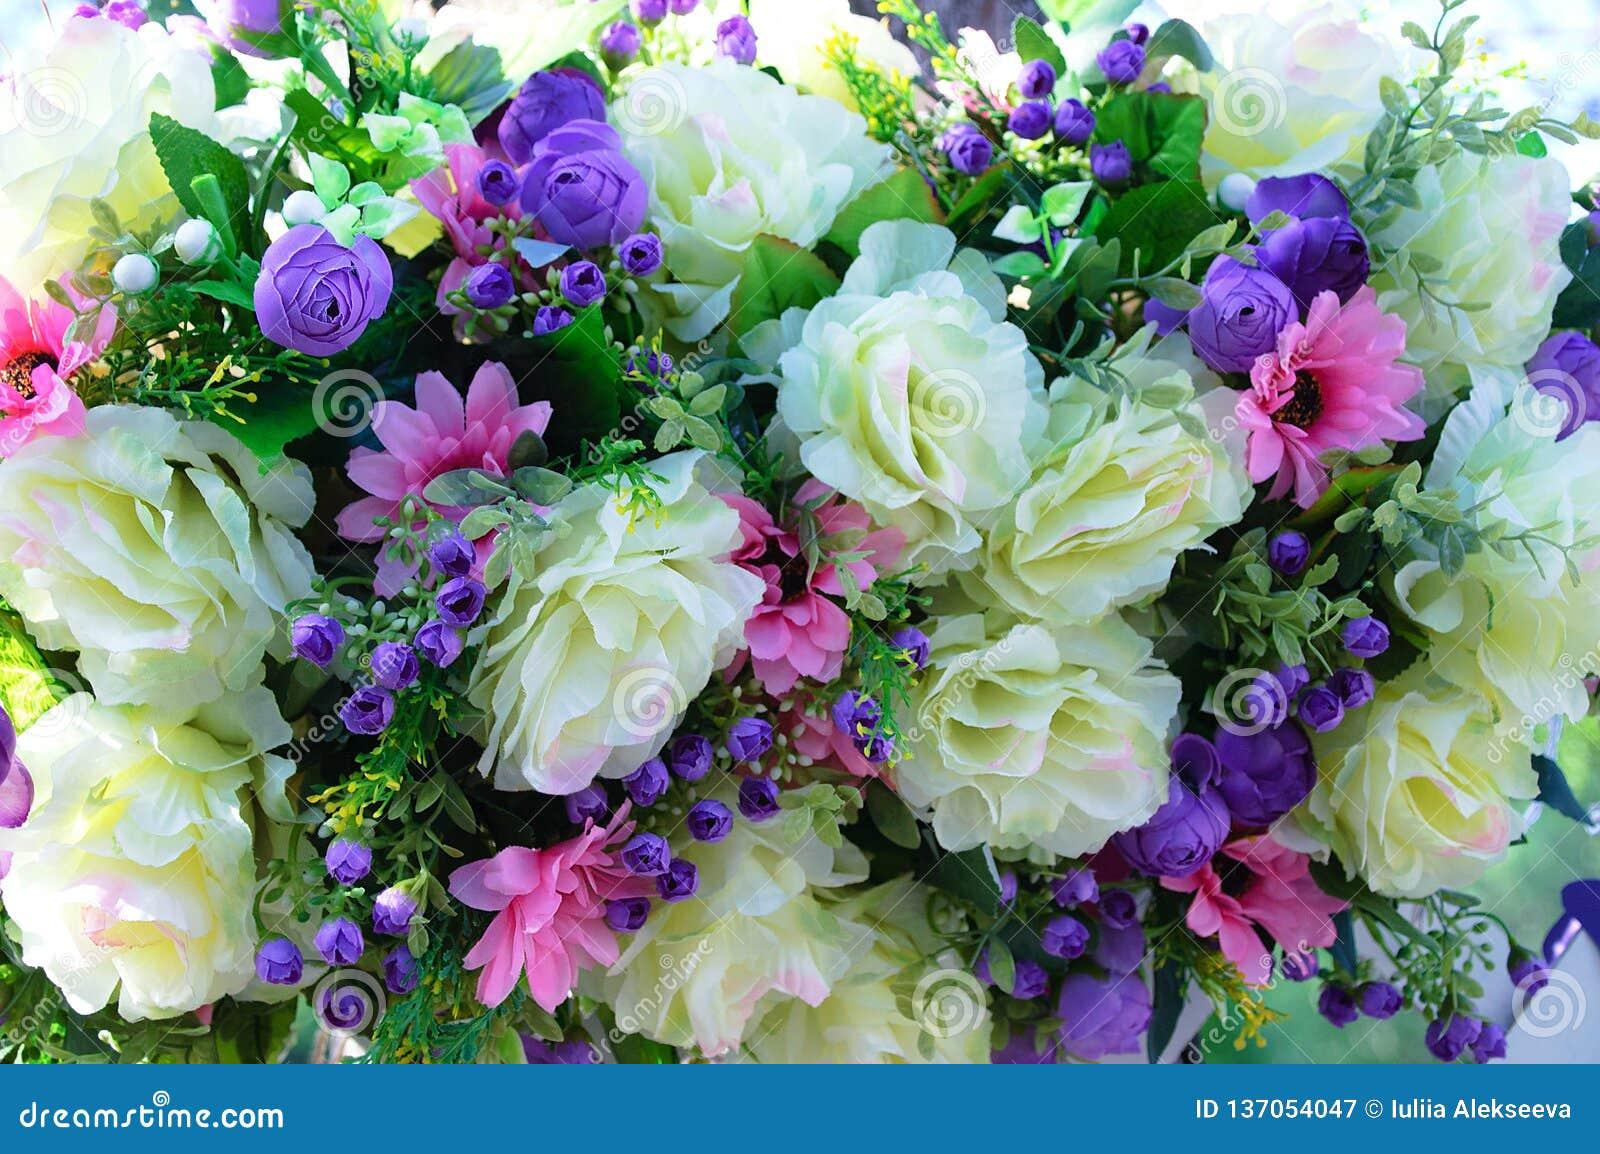 大米黄玫瑰、小紫色玫瑰和桃红色翠菊构成花